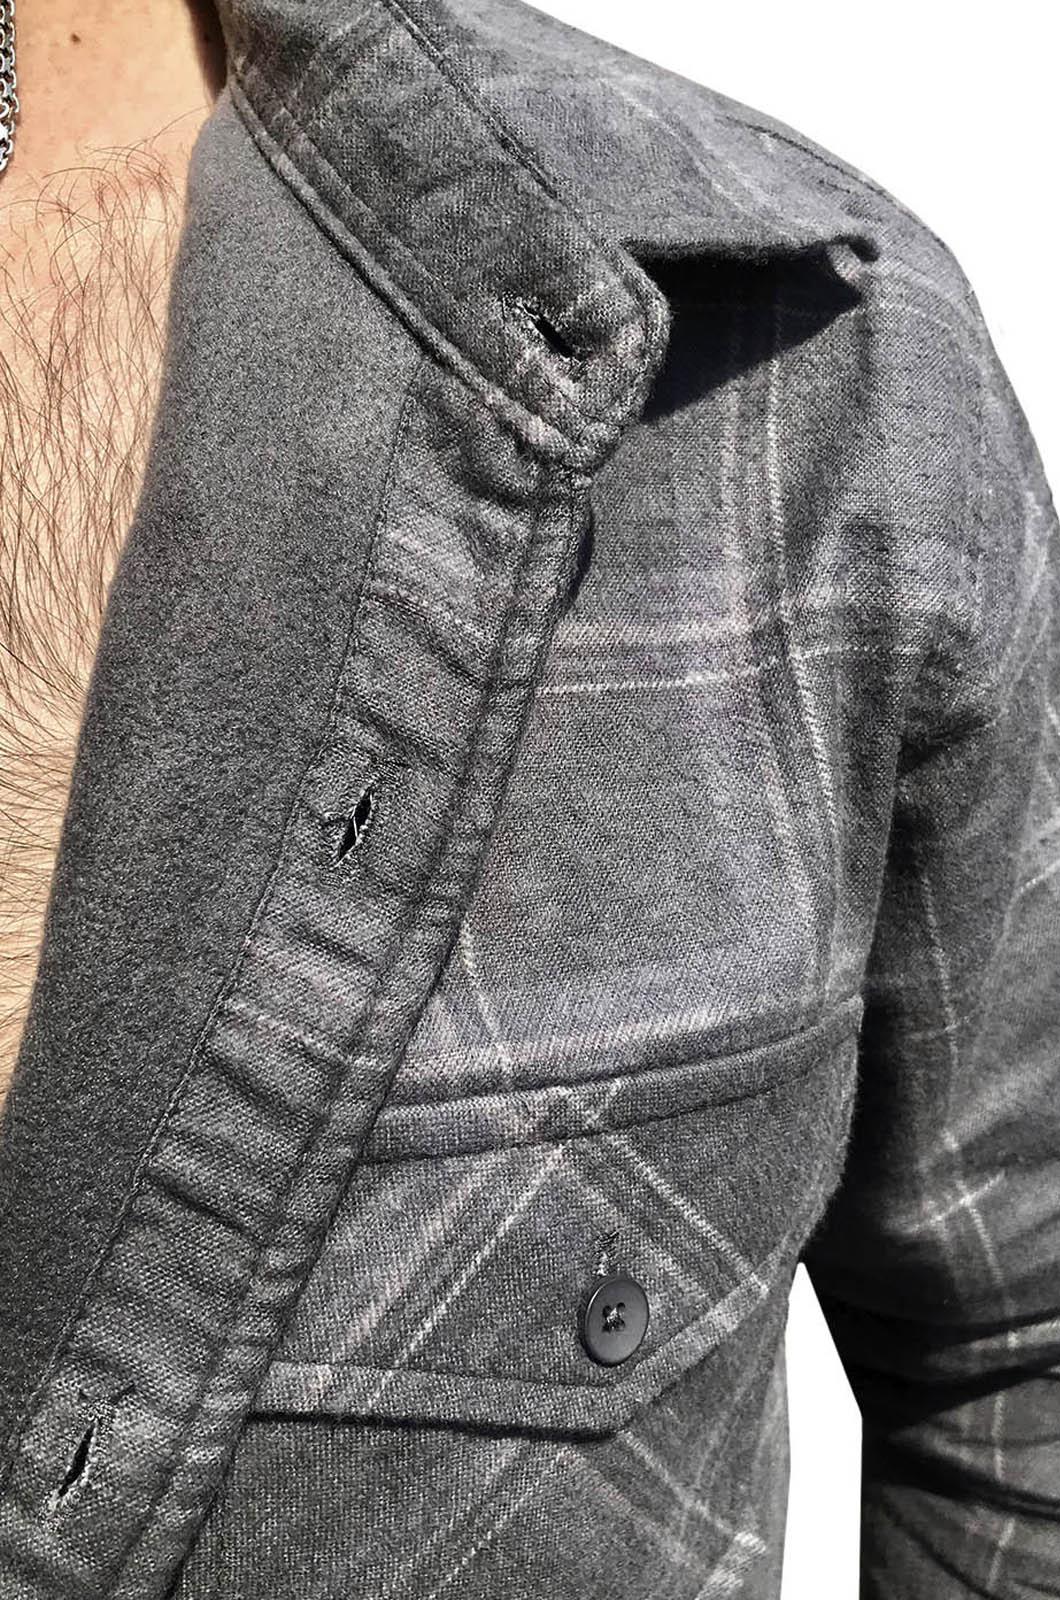 Теплая рубашка с вышитым шевроном 217 ПДП ВДВ - купить в розницу